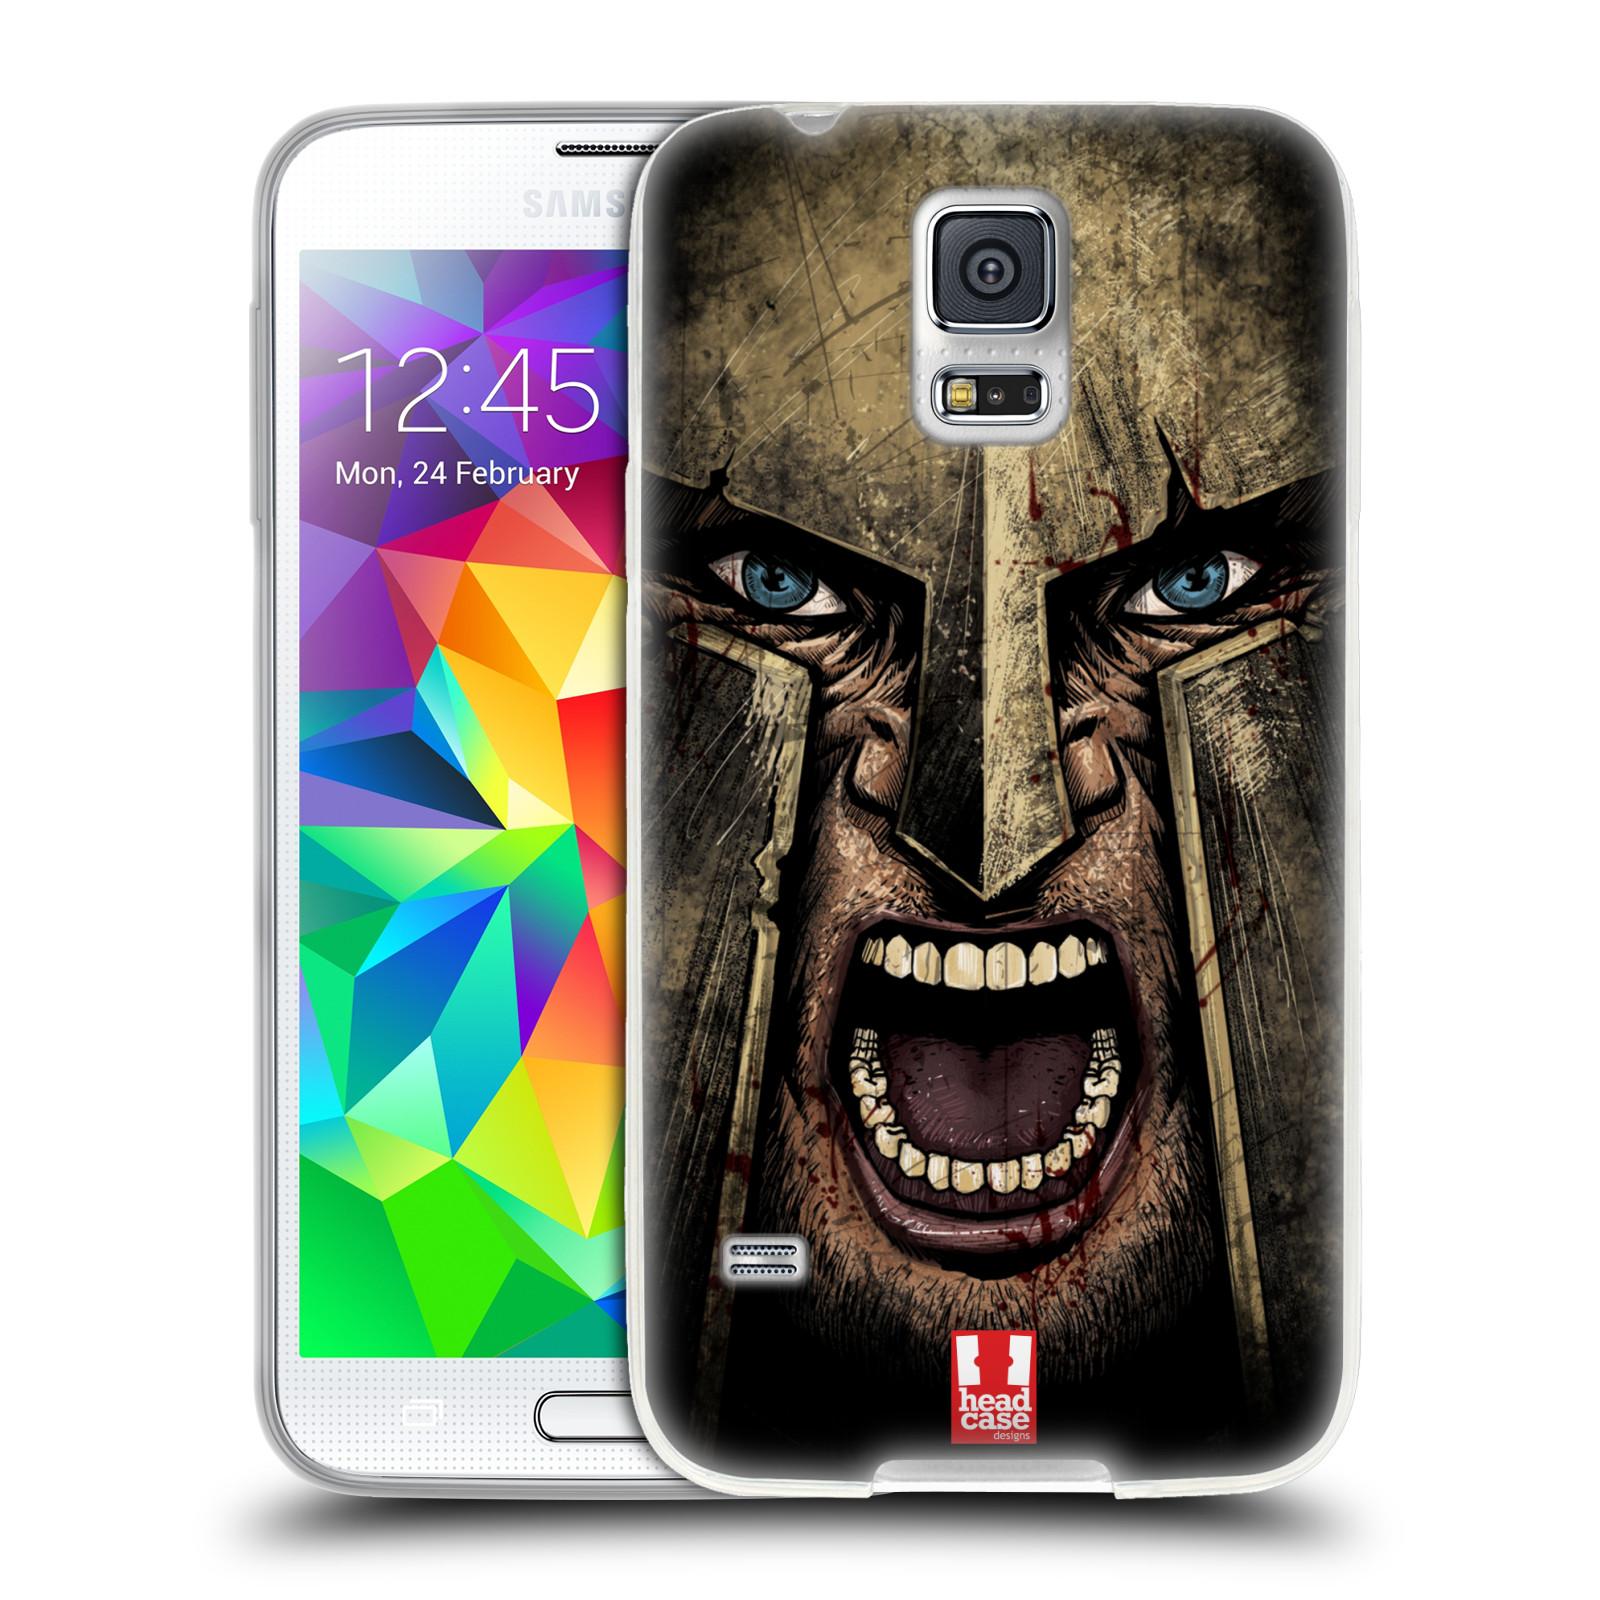 Silikonové pouzdro na mobil Samsung Galaxy S5 Neo - Head Case - Řvoucí válečník